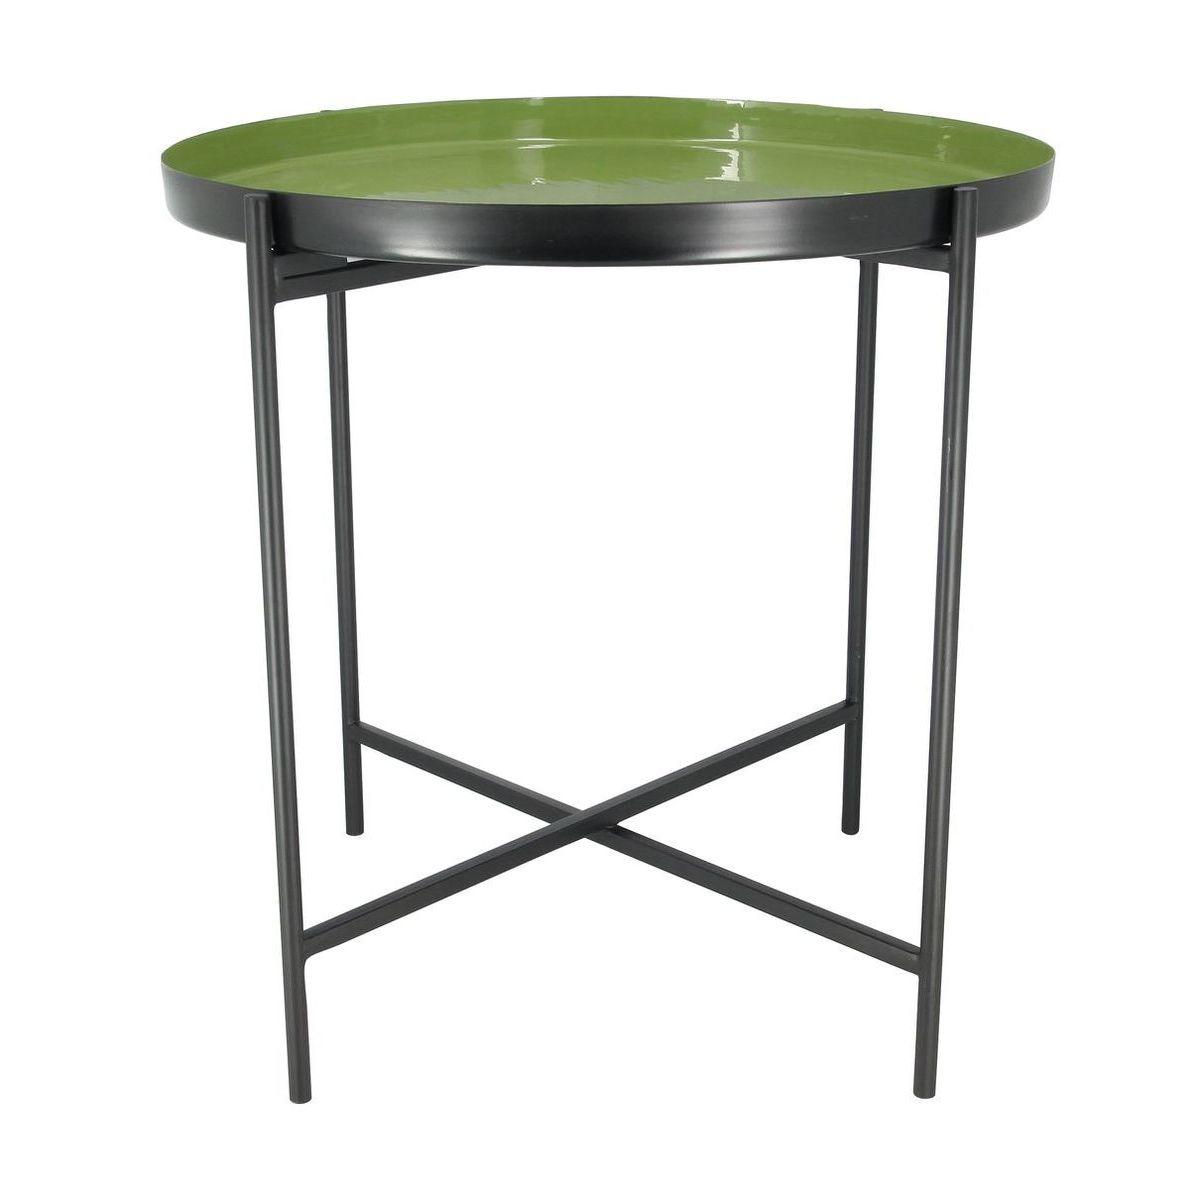 Bout de canapé en métal émaillé vert olive D54